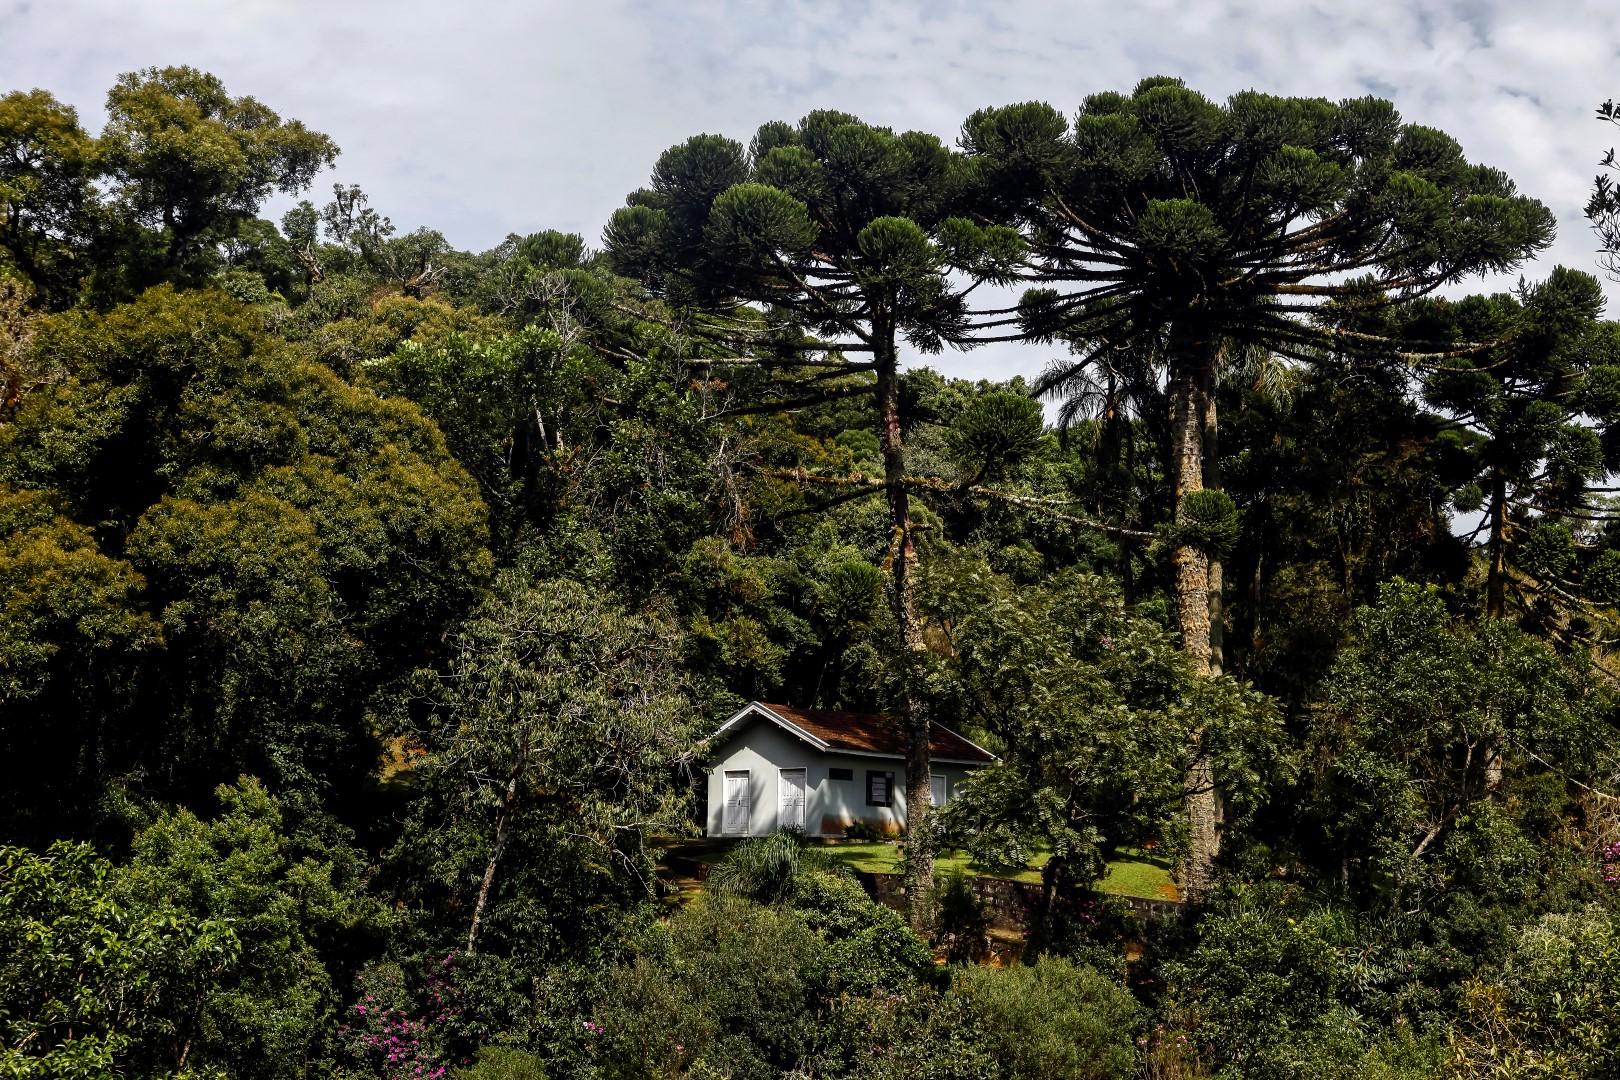 Além de conhecer a centenária construção, visitar os Mananciais da Serra  é uma oportunidade de se conectar com a natureza.